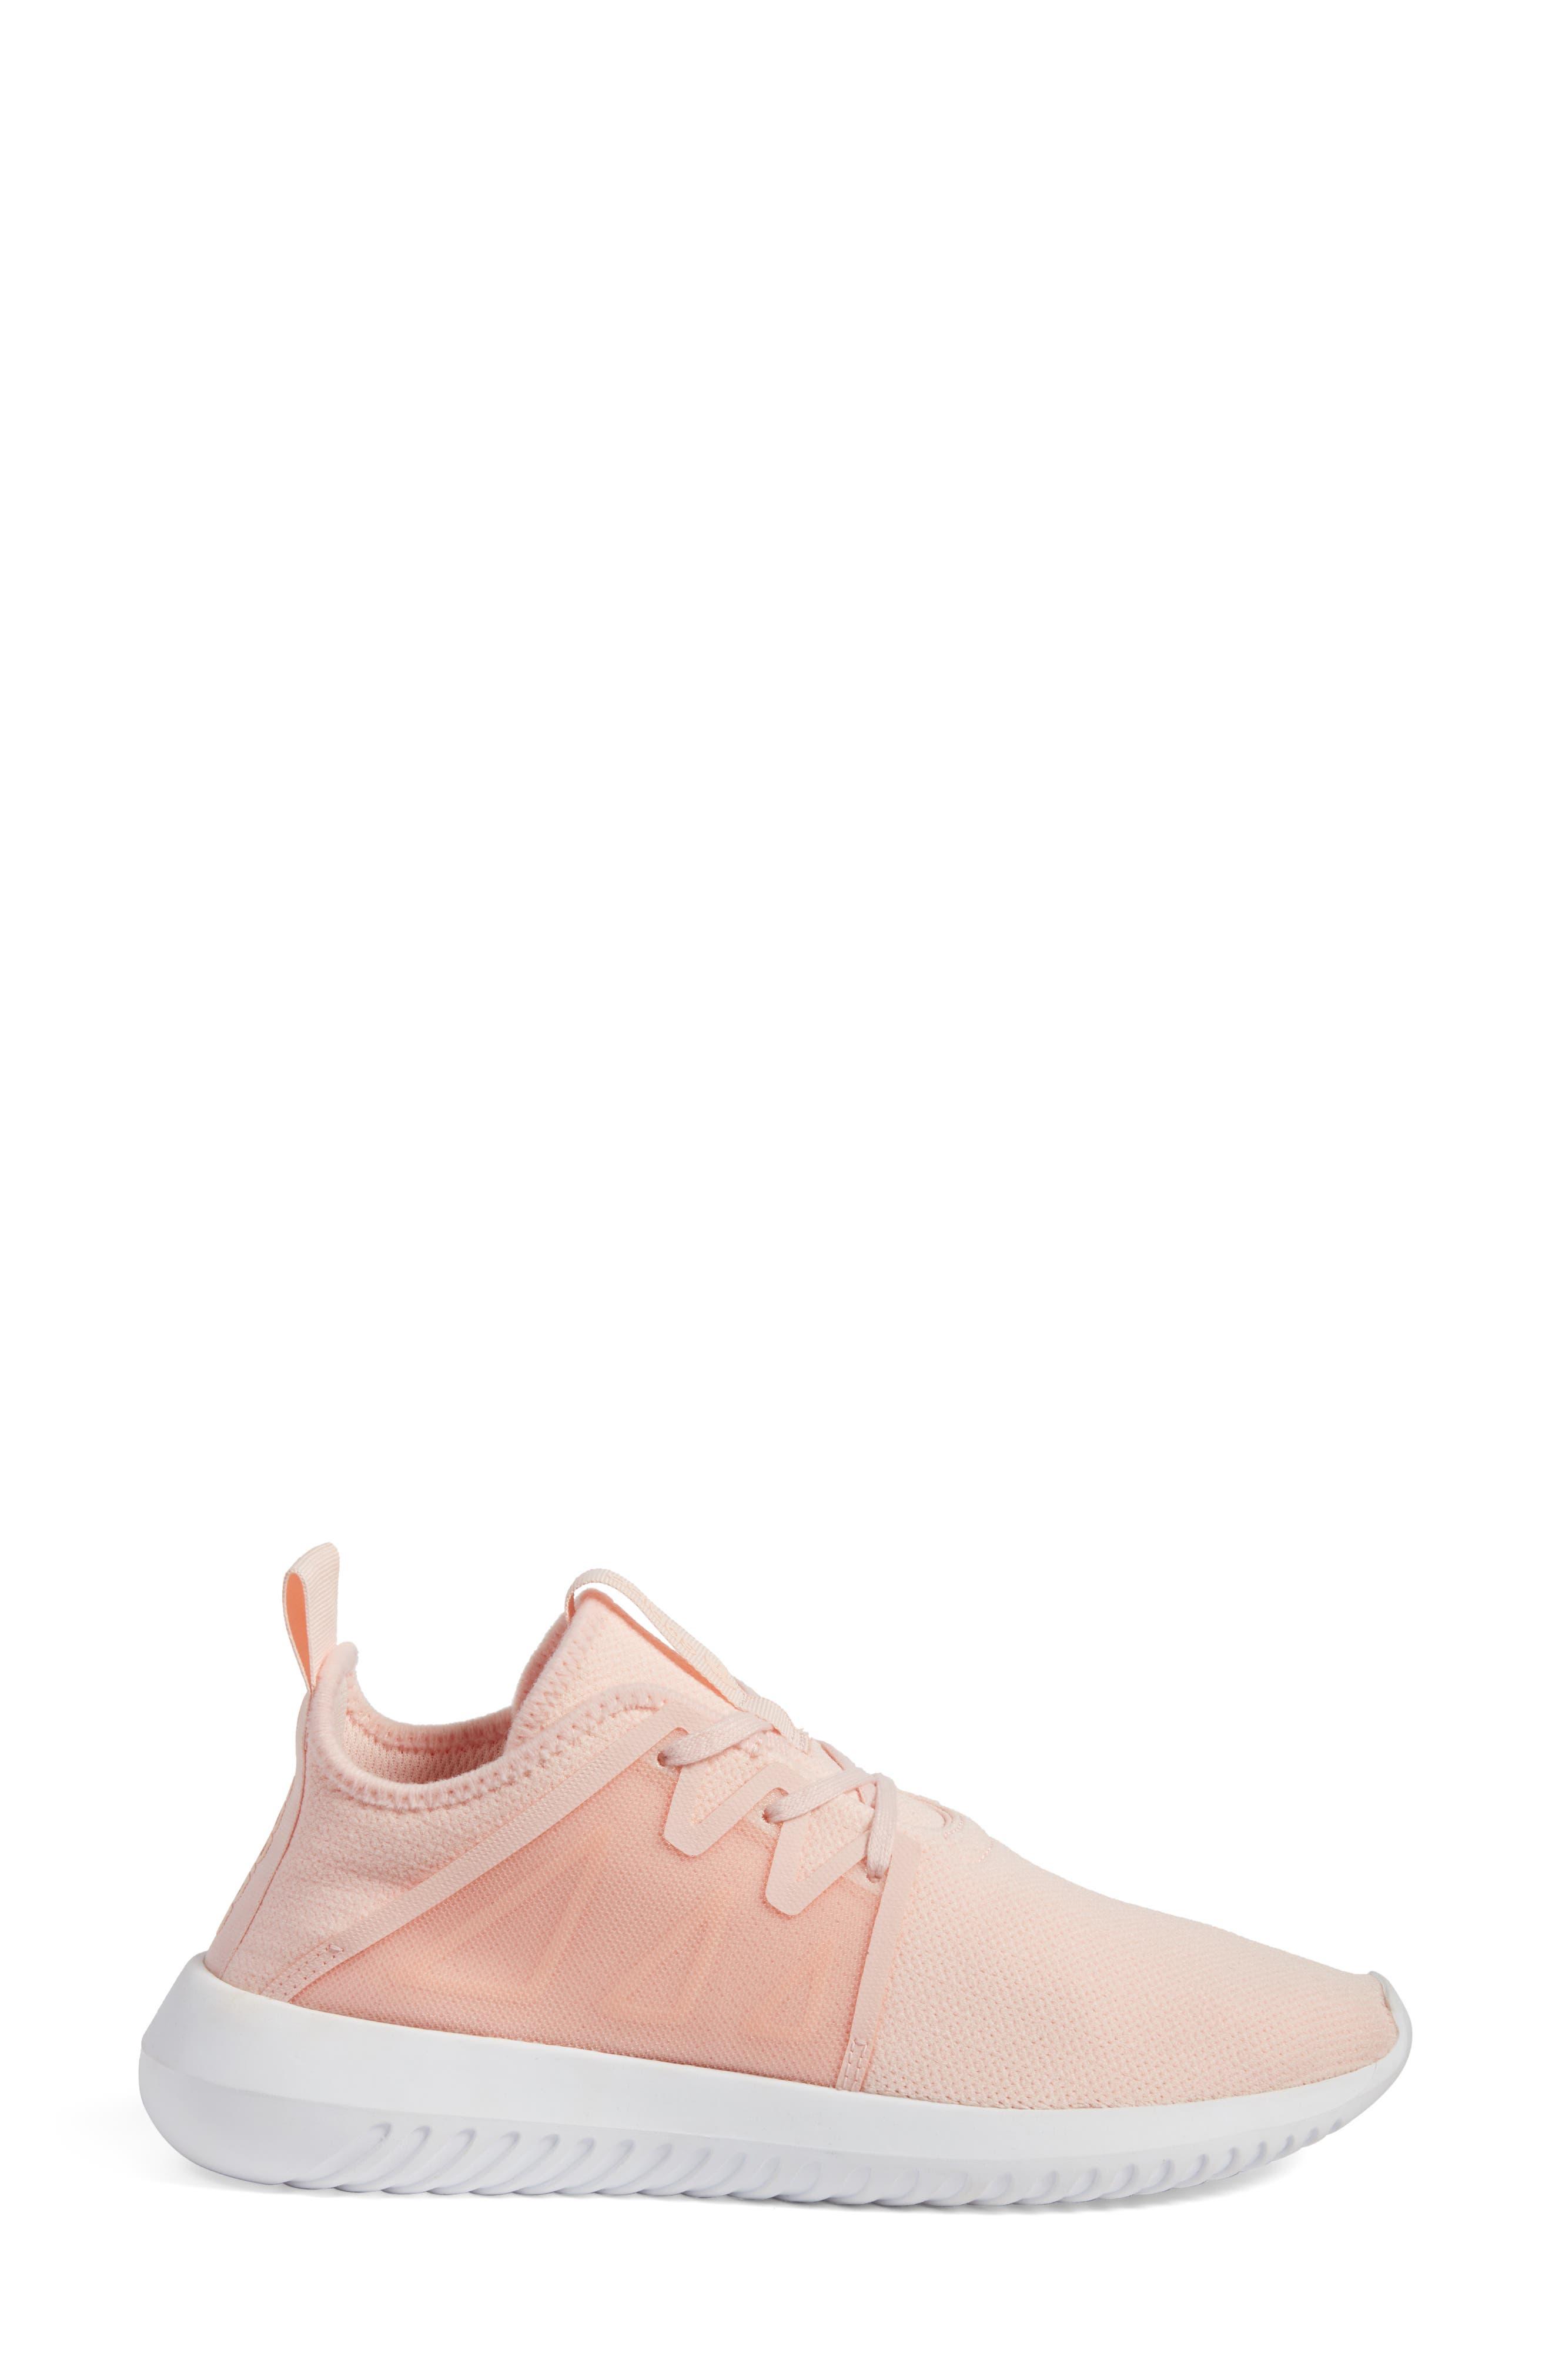 Alternate Image 3  - adidas Tubular Viral 2 Sneaker (Women)